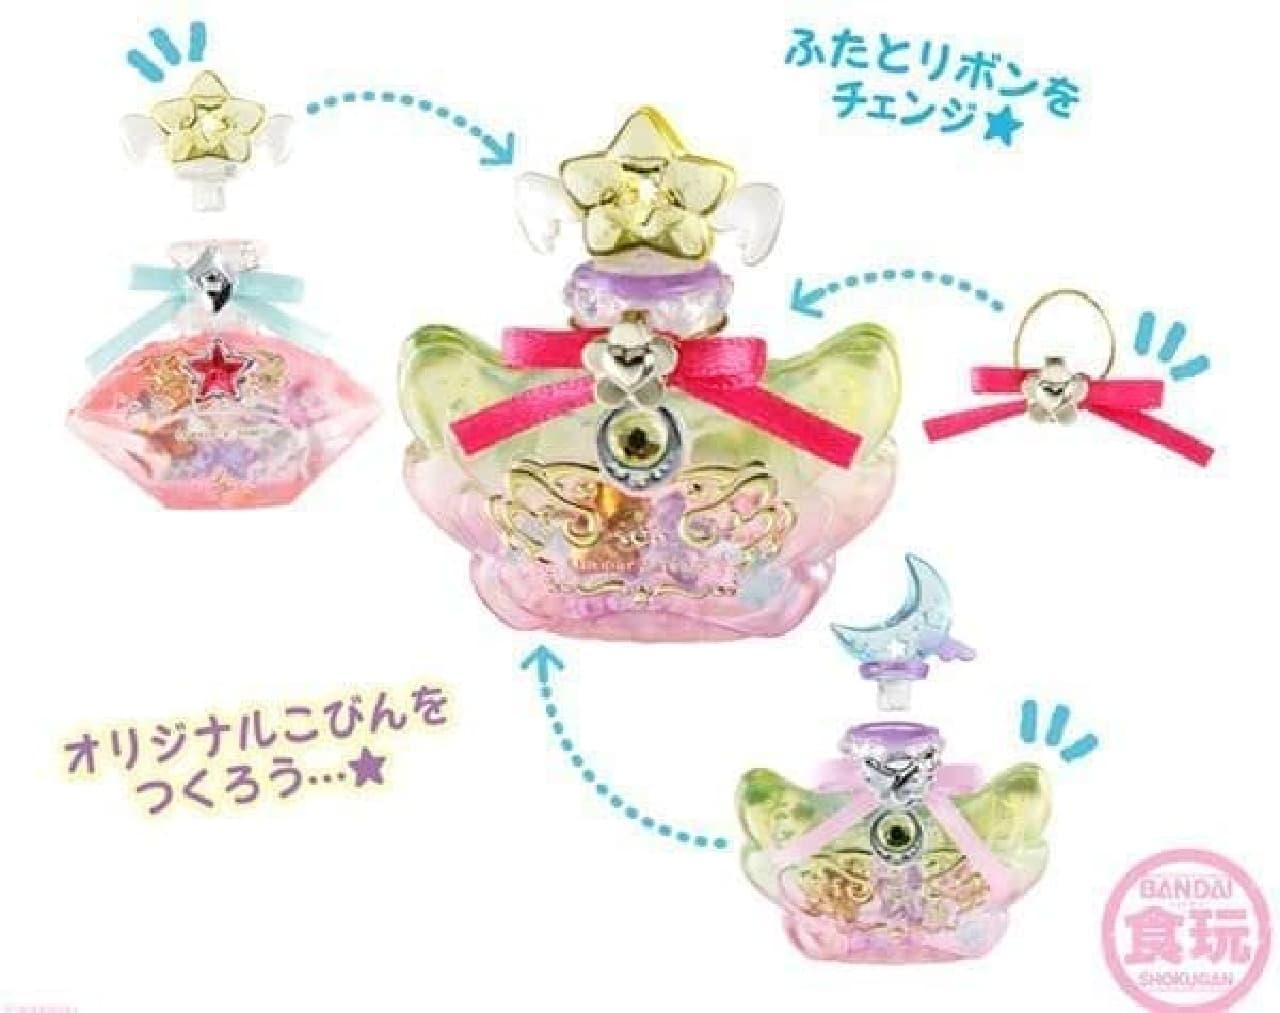 """「星のこびん」は、カラフルで大小様々なサイズの""""星のしずく""""が入った小瓶の食玩"""